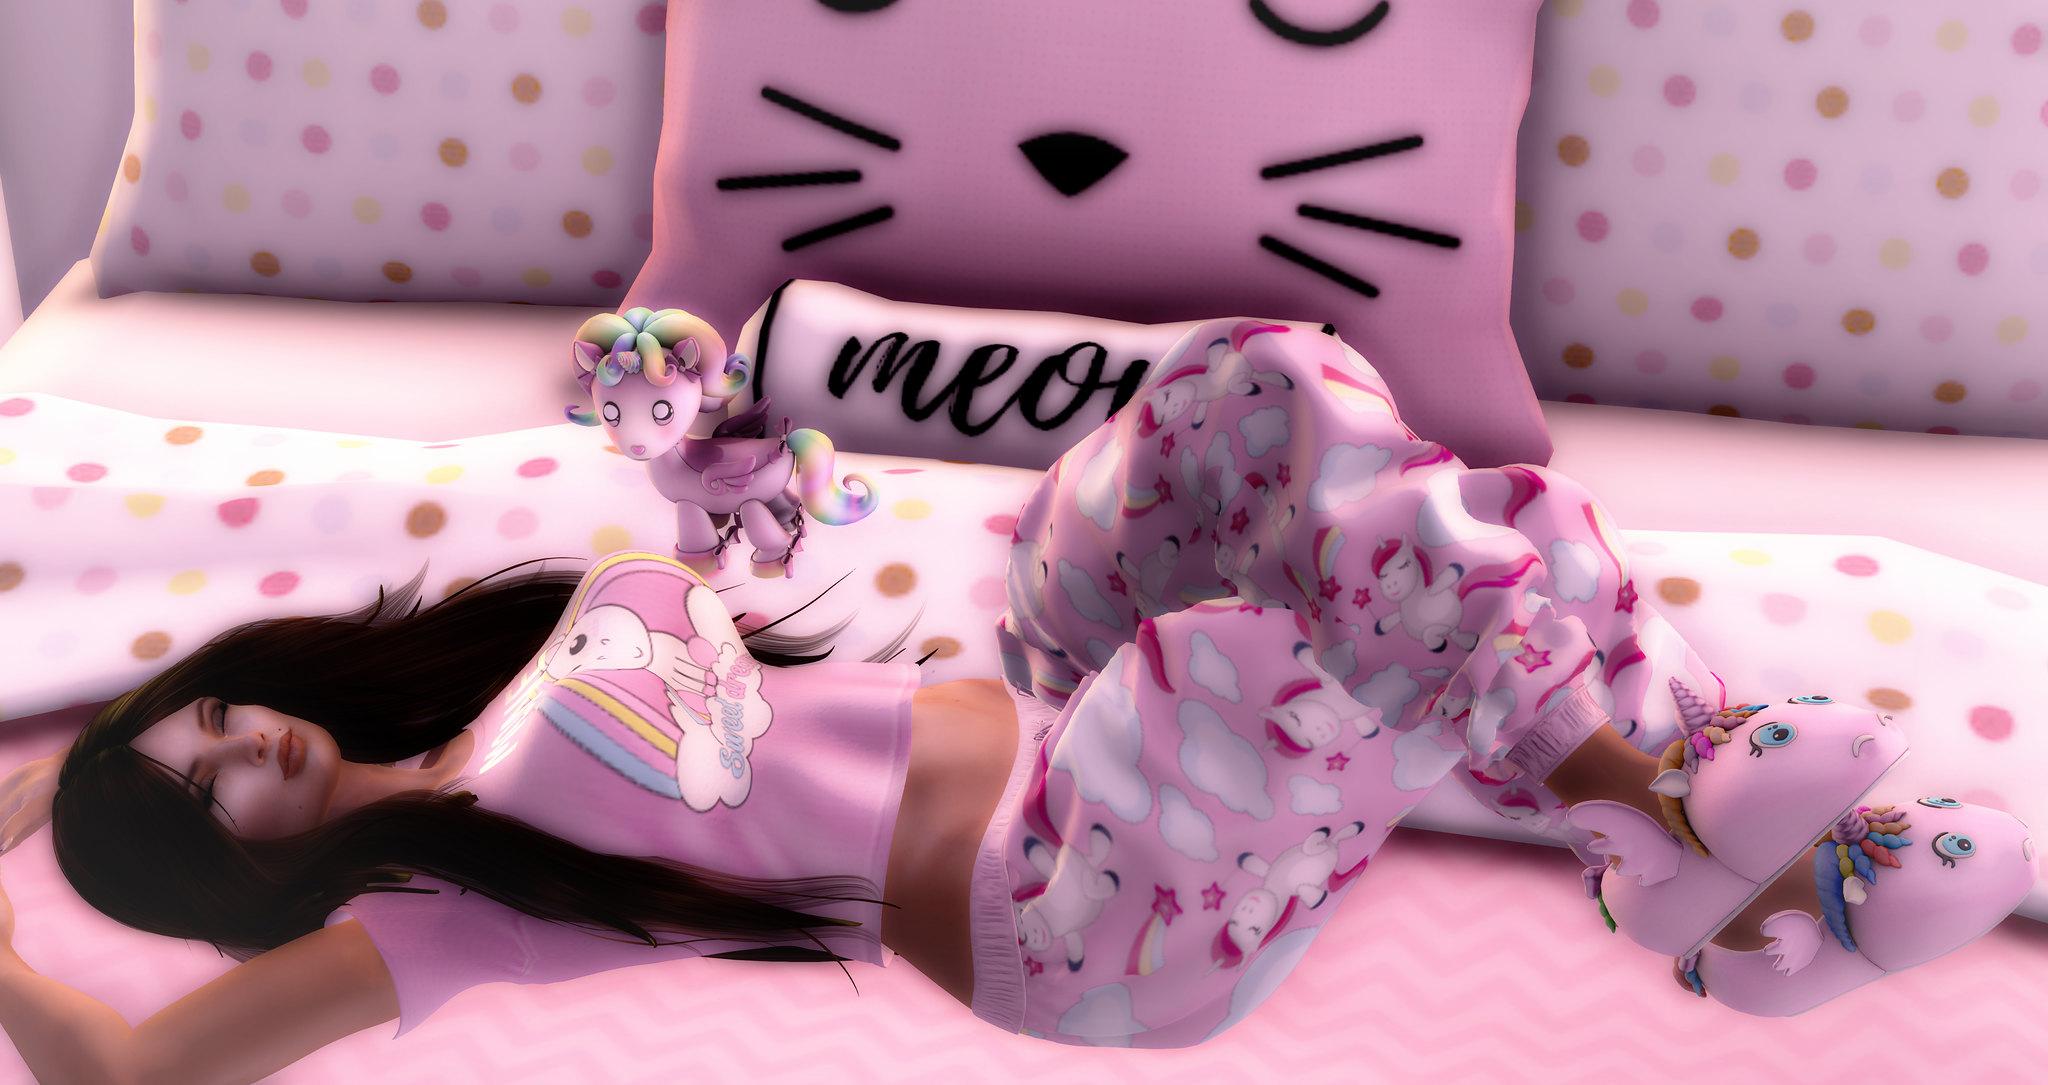 Soft kitty, sleepy kitty